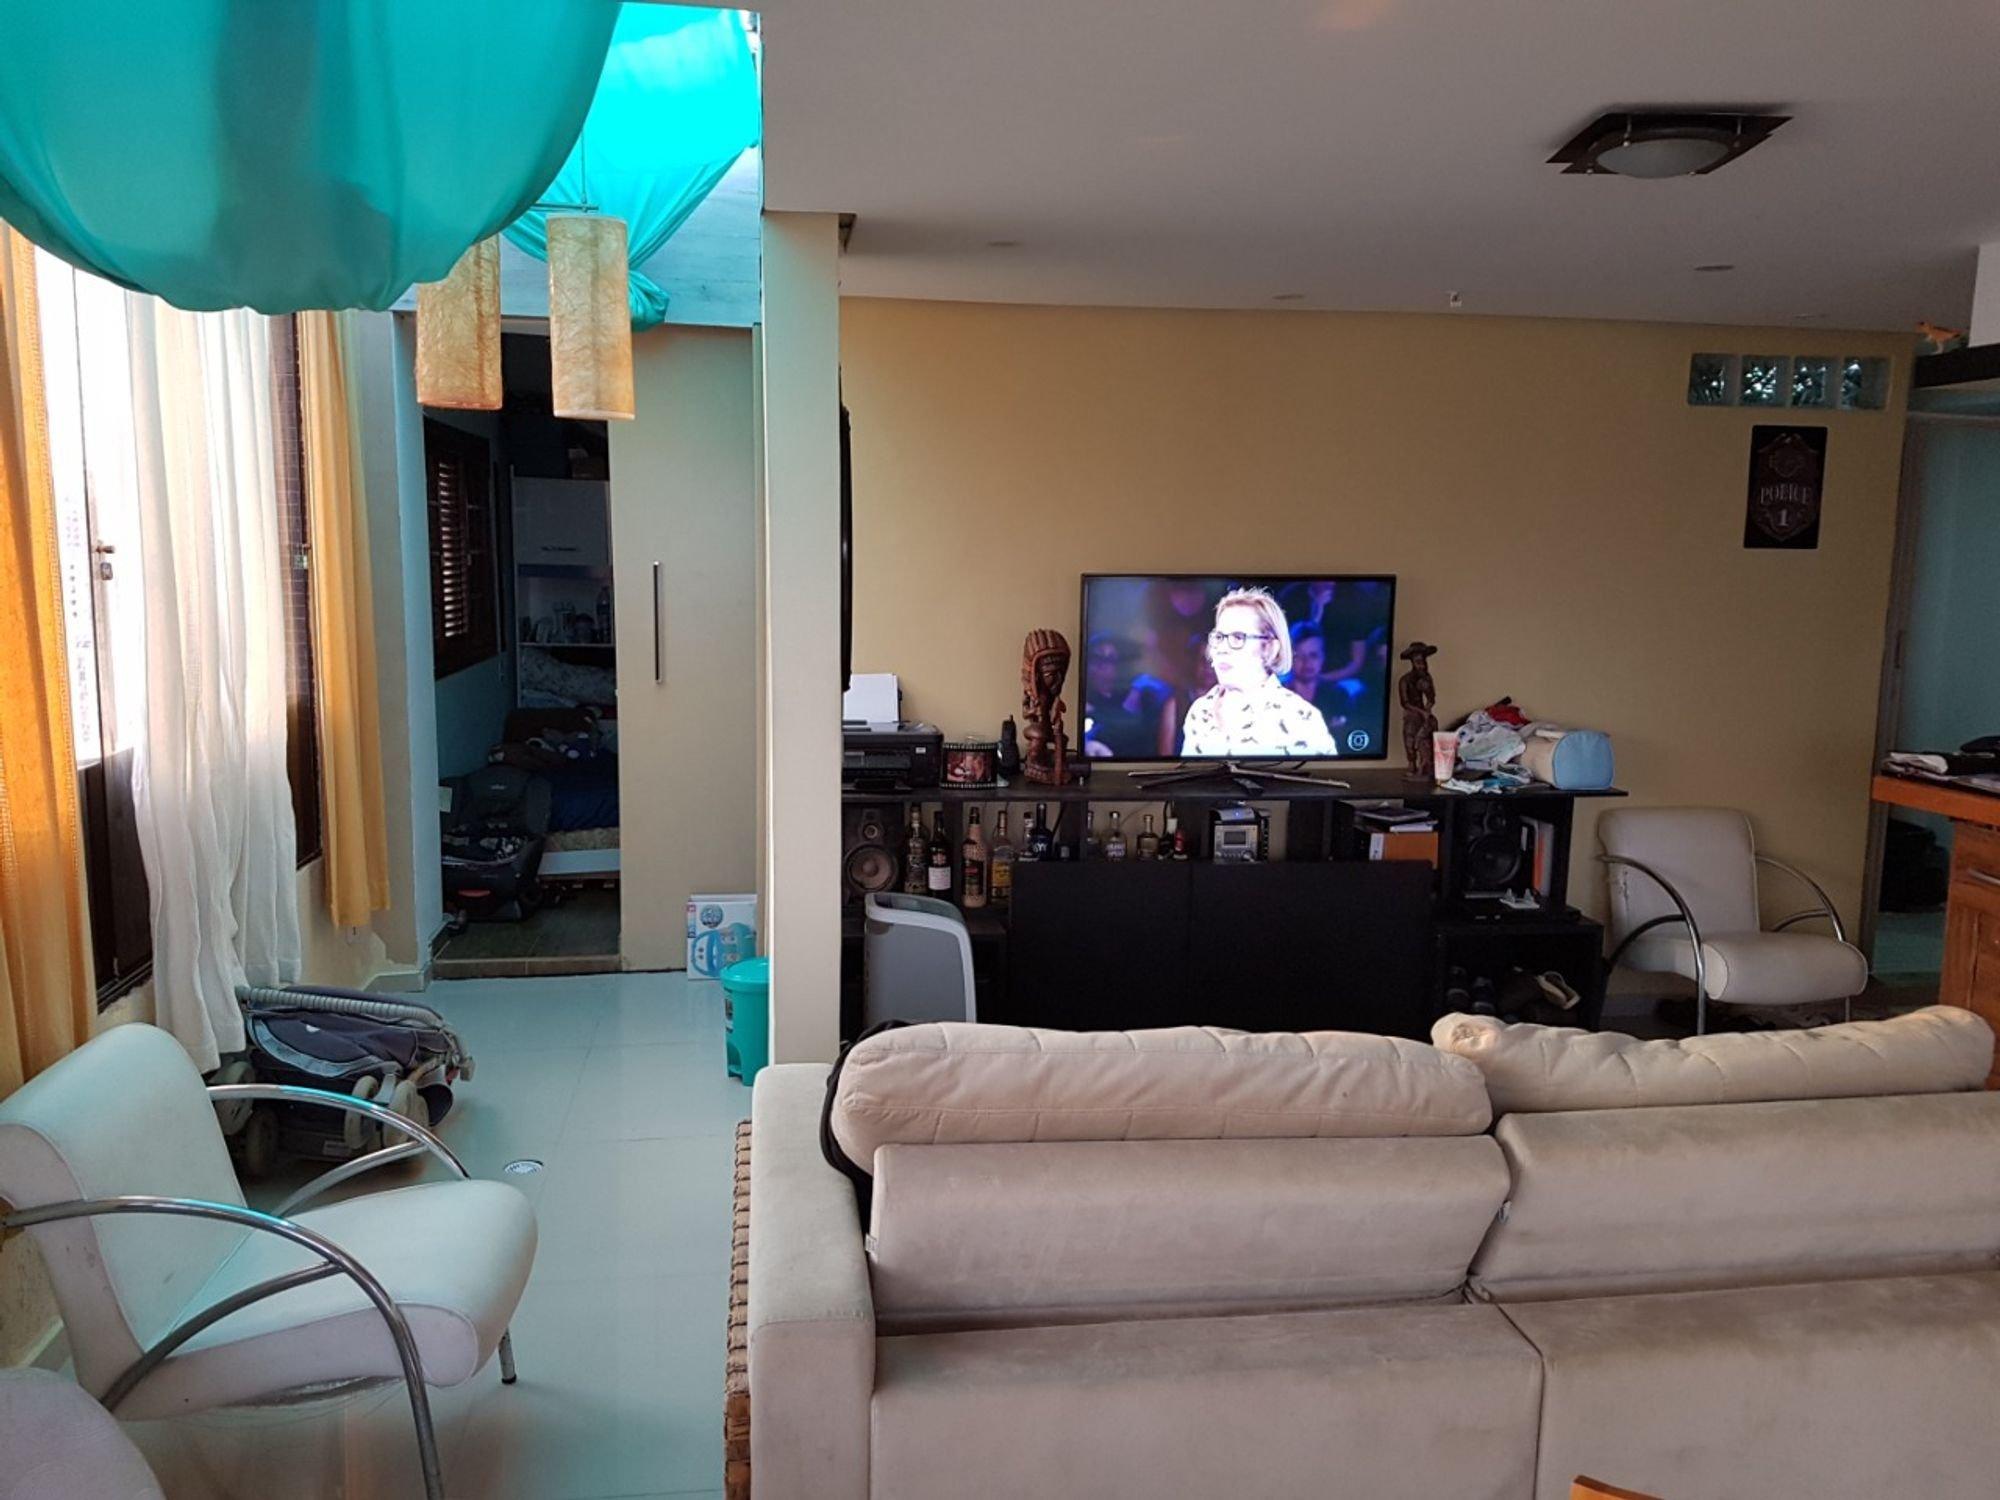 Foto de Sala com sofá, cadeira, pessoa